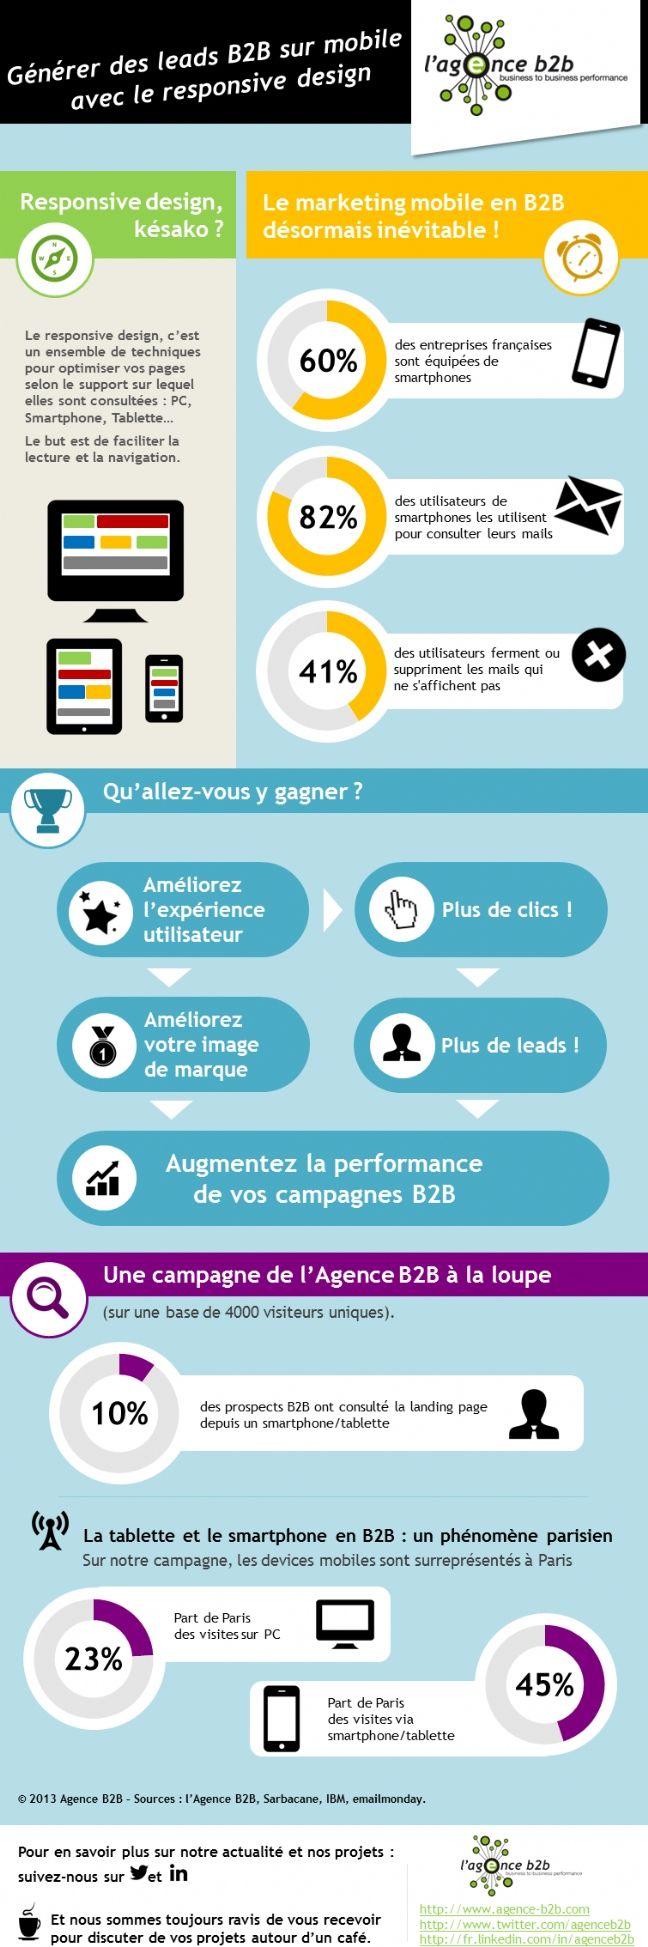 De l'importance du responsive design dans le marketing mobile